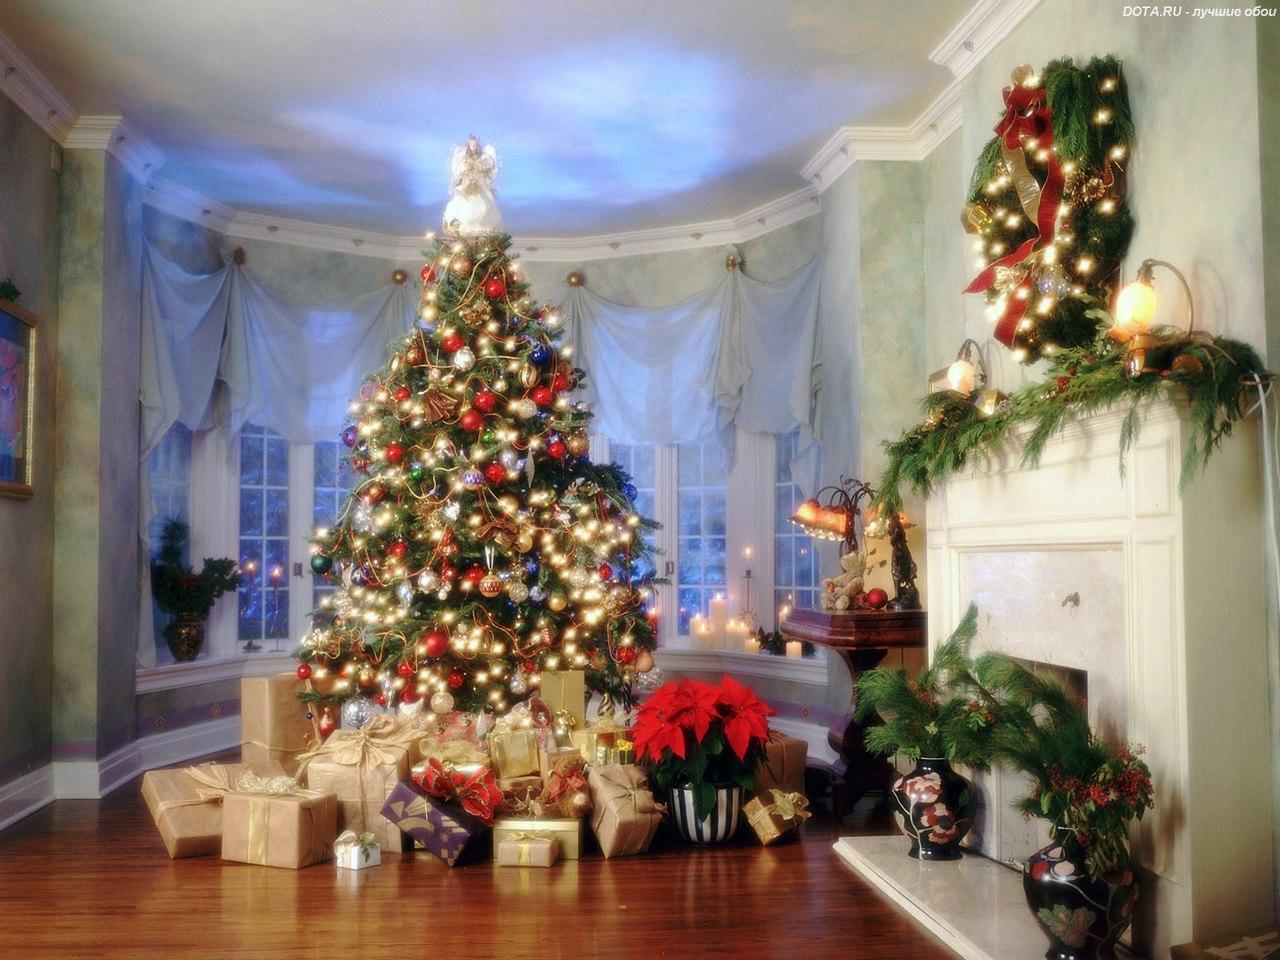 Сделаем праздник ярче! Широкий ассортимент Новогодних товаров: елки, электрогирлянды и различные украшения для Вашего дома. Отличный выбор на любой вкус!